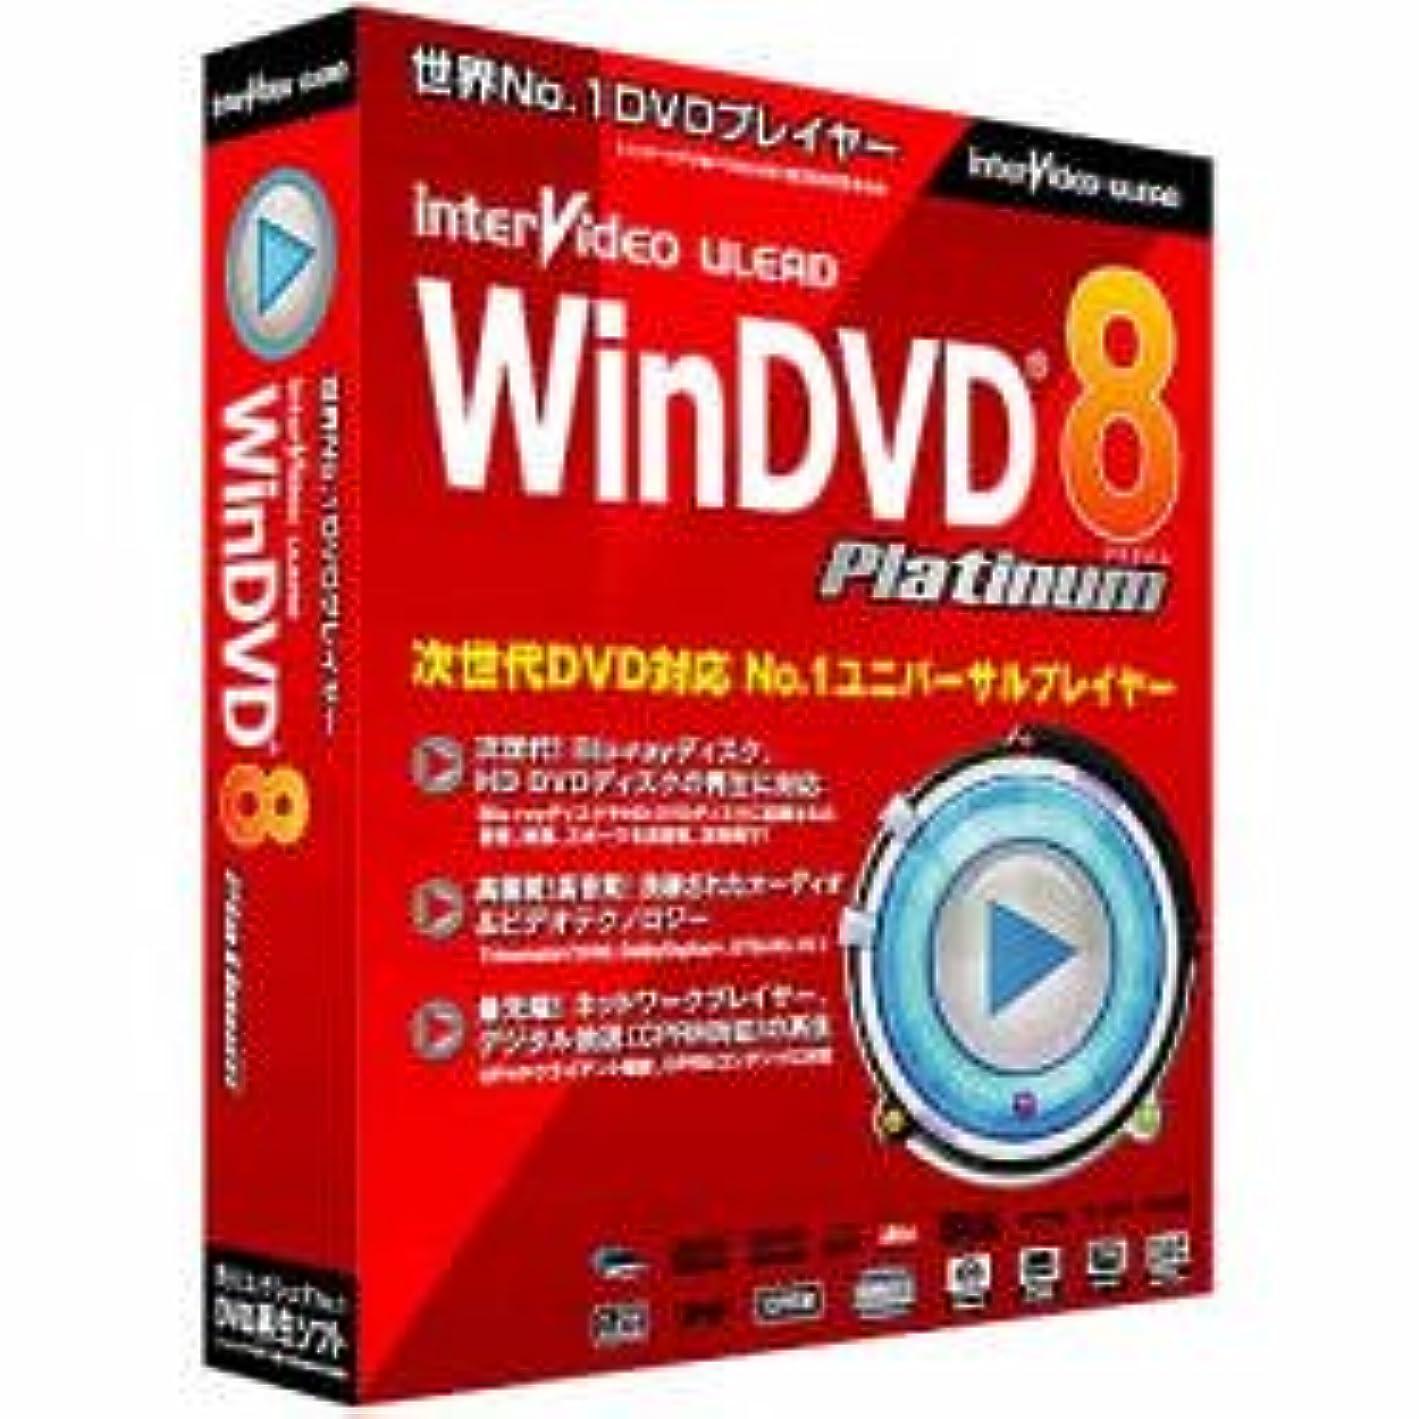 ありそうブルーベルセールスマンInterVideo WinDVD 8 Platinum